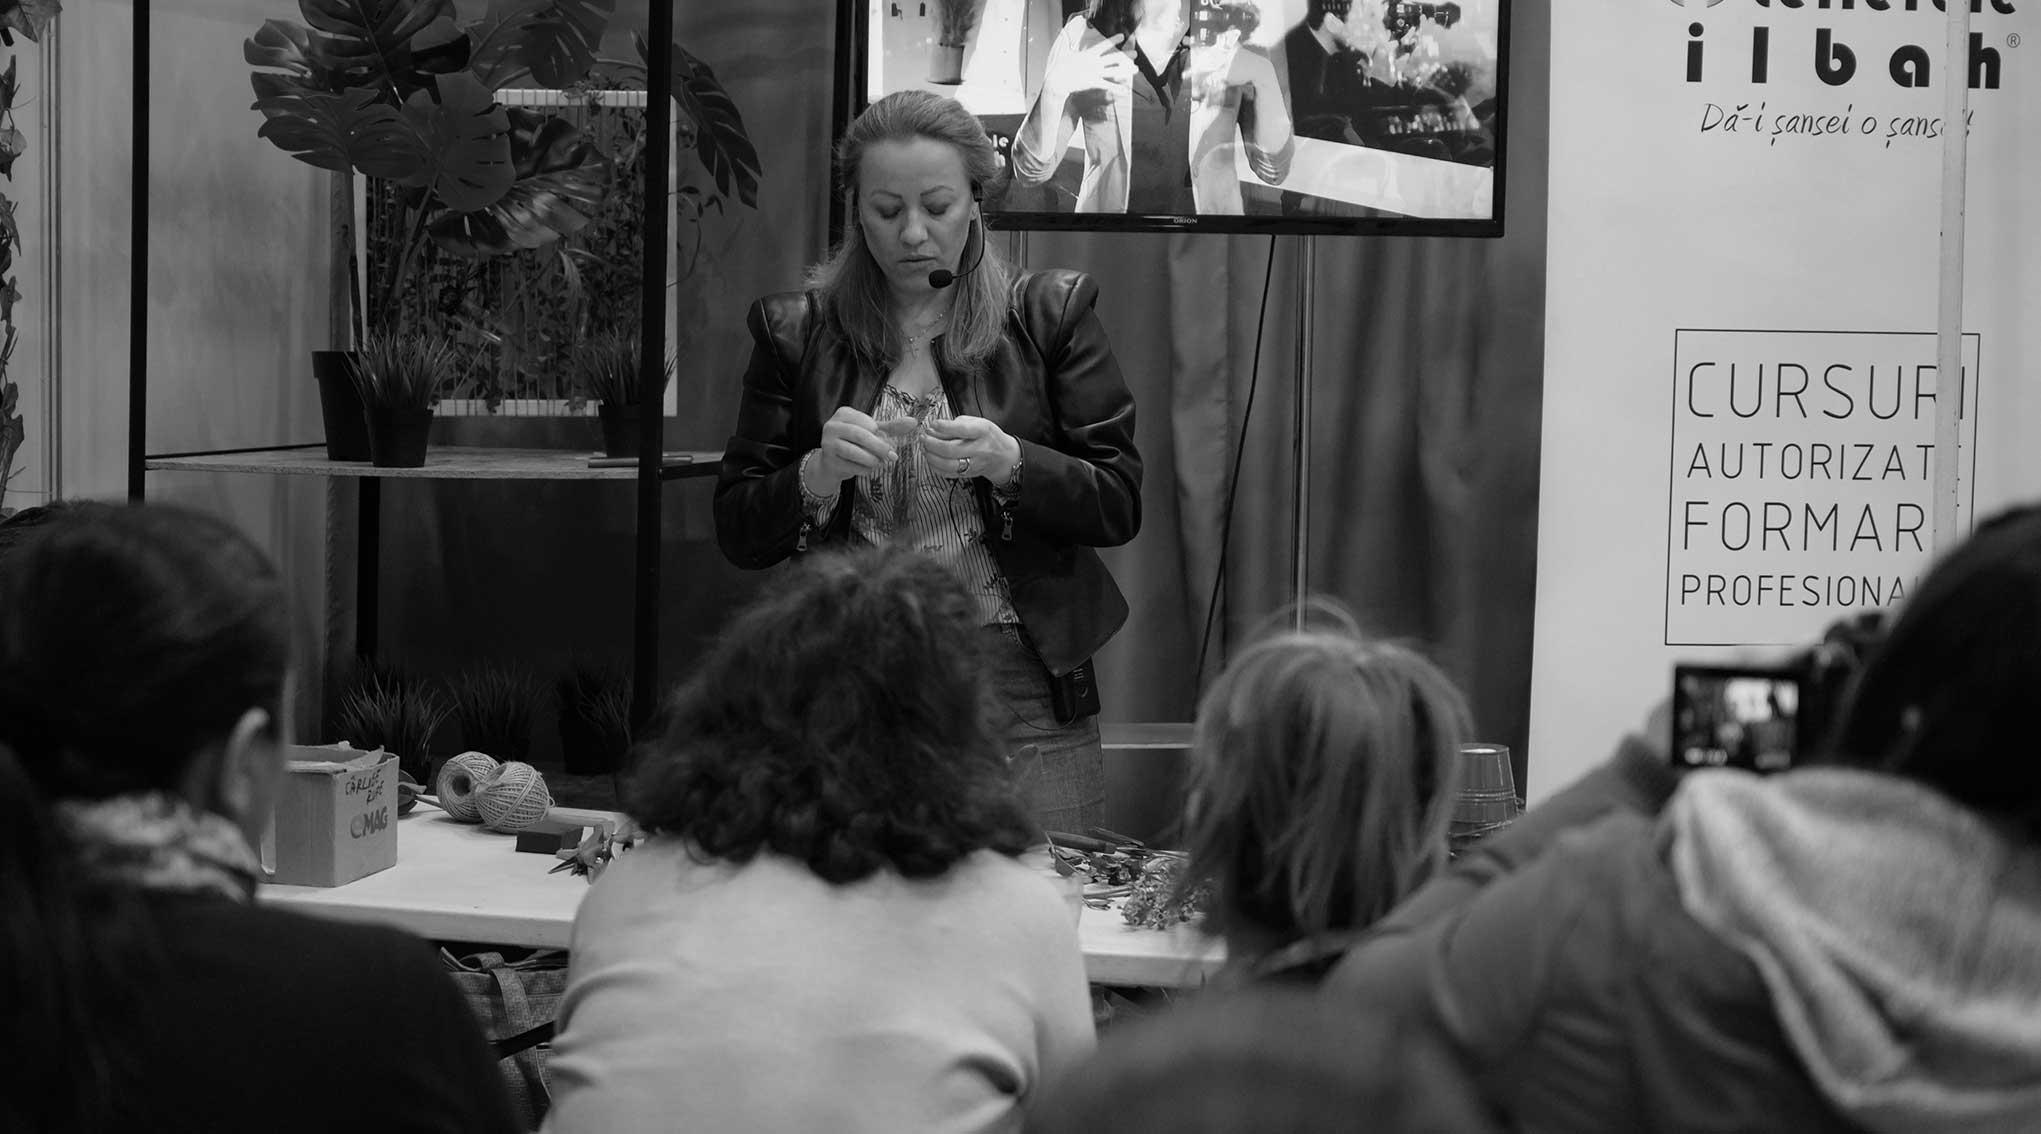 workshop-uri-demonstratii-si-conferinte-marca-atelierele-ilbah-pe-parcursul-a-4-zile-in-cadrul-romexpo-38